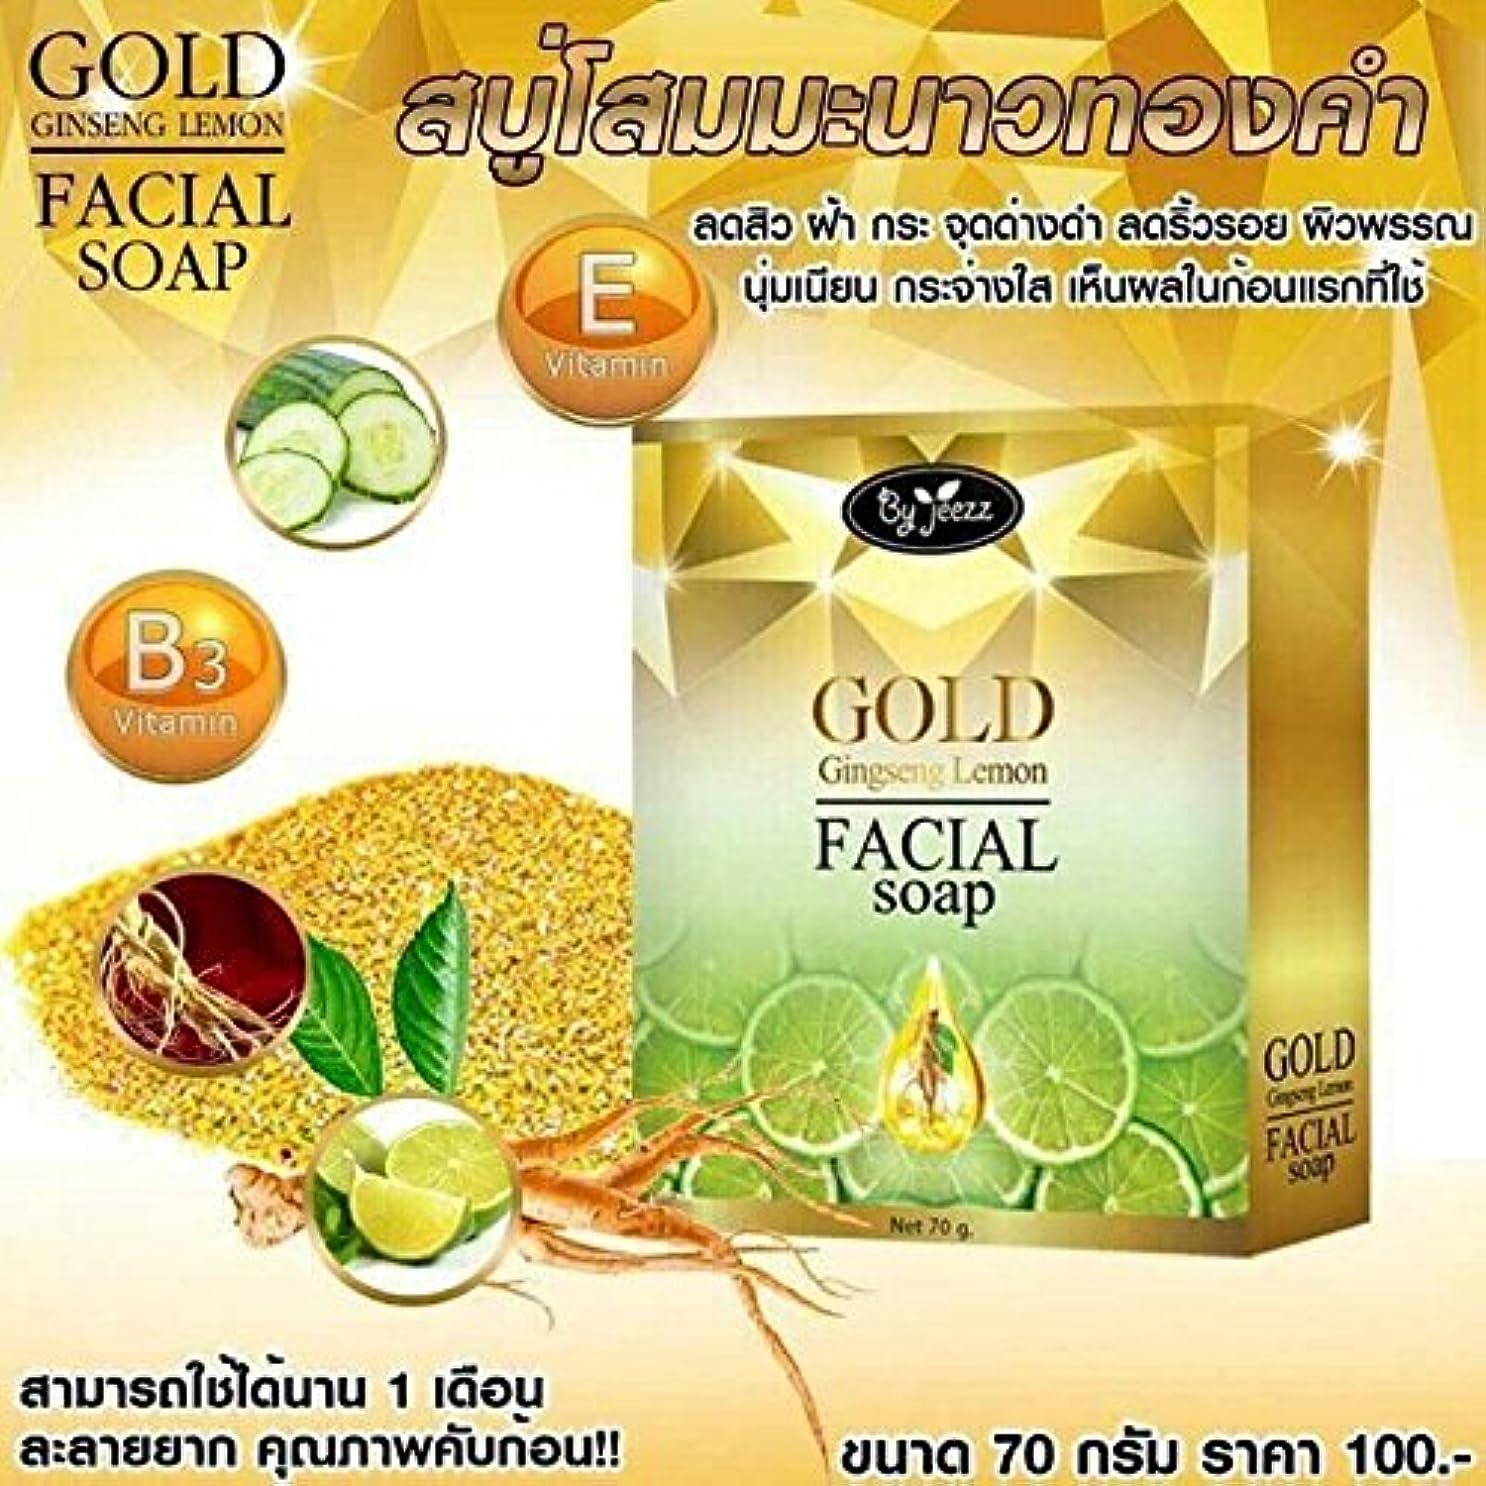 ラッカス住人ソーシャル1 X Natural Herbal Whitening Soap. Ginseng Lemon Soap (Gold Ginseng Lemon Facial Soap by jeezz) 70 g. Free shipping